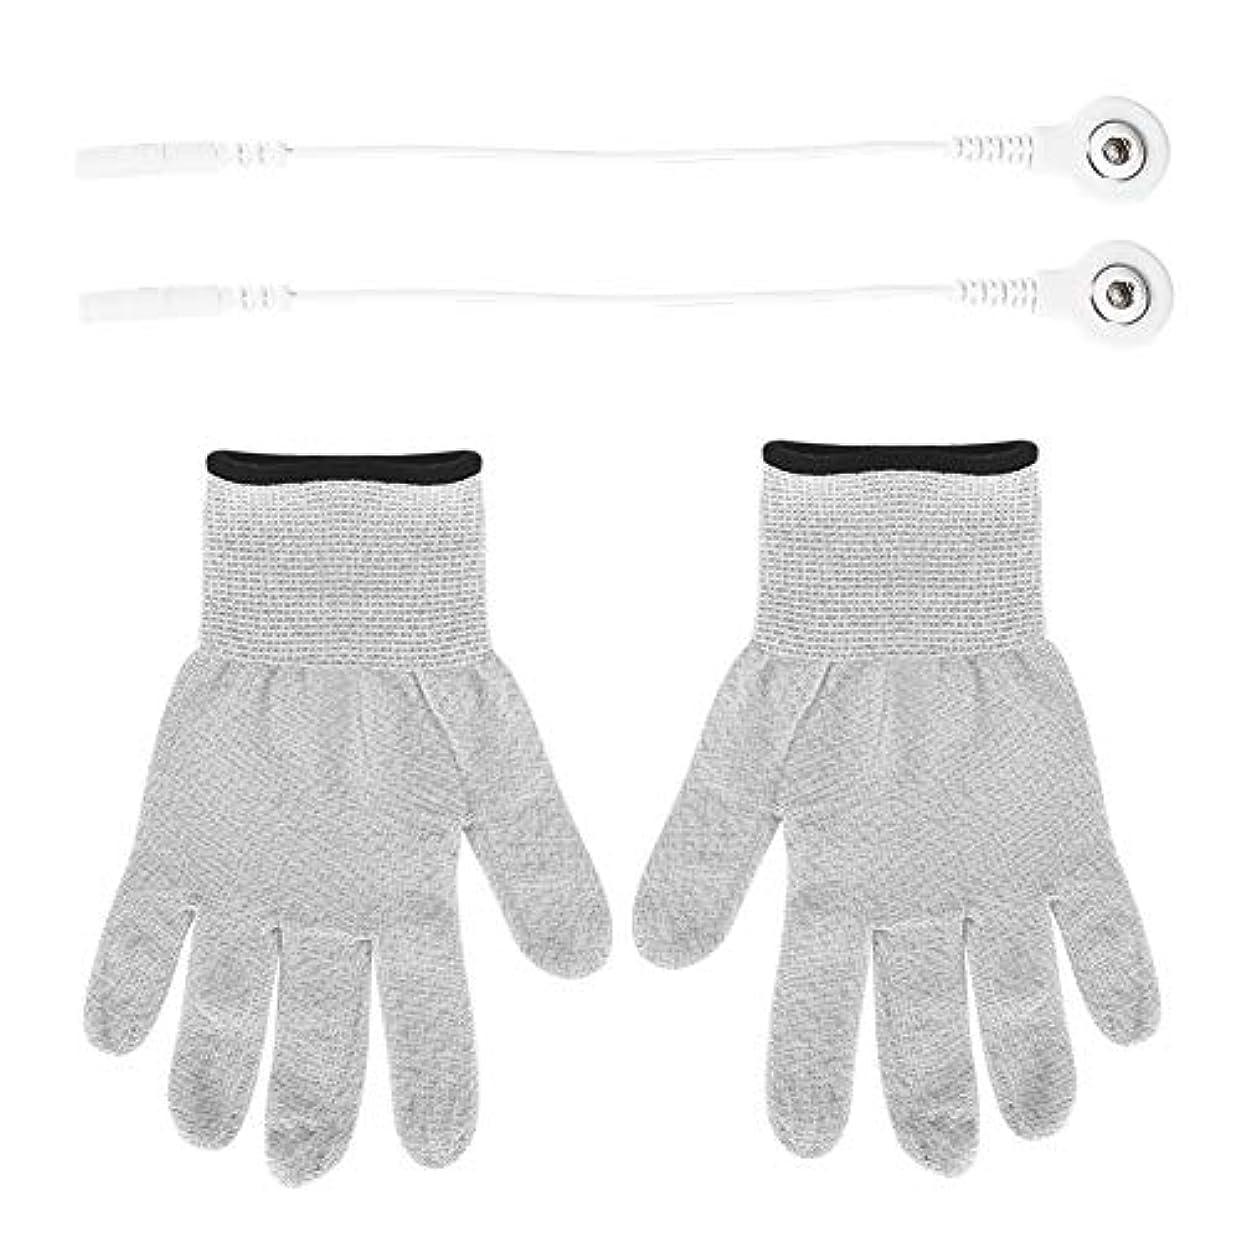 ヒューズ母音こしょう電極手袋、1対の導電性繊維電極手袋、アダプター電極付き電気ショックファイバー用リード線